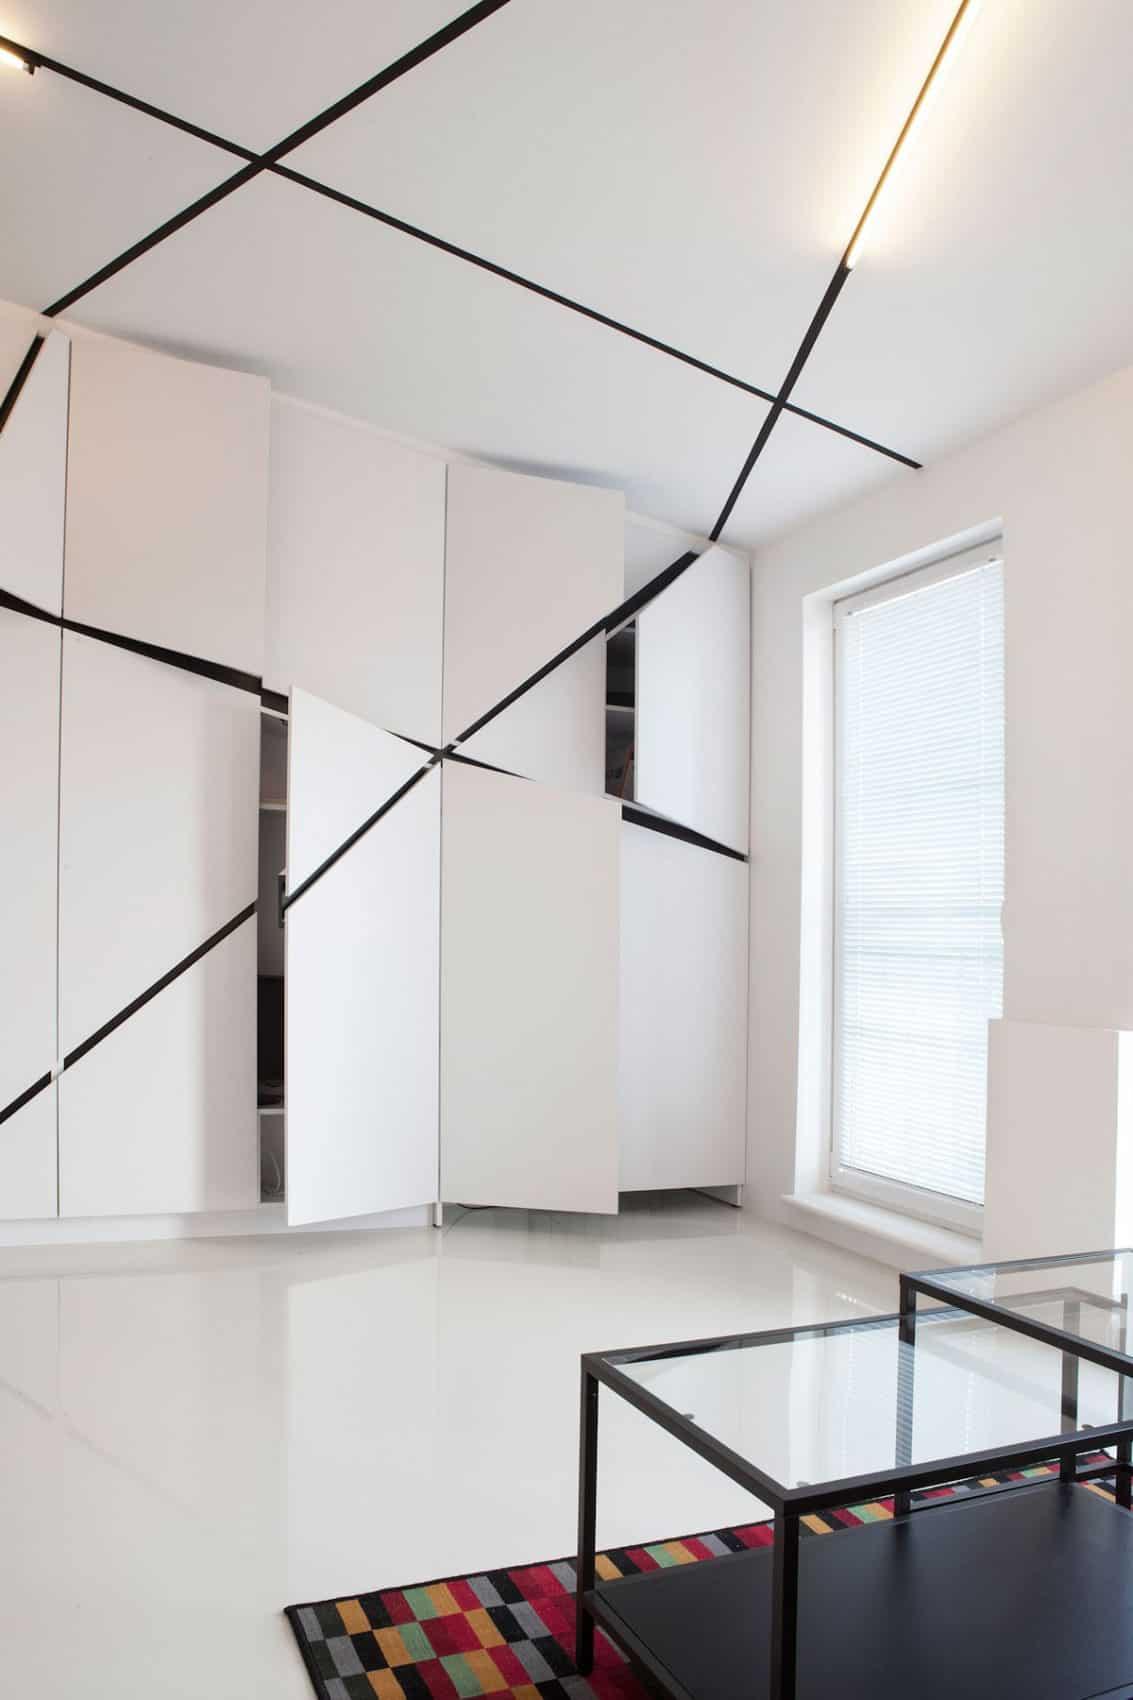 Minimalist Apartment in Lazarz by Mili Mlodzi Ludzie (5)